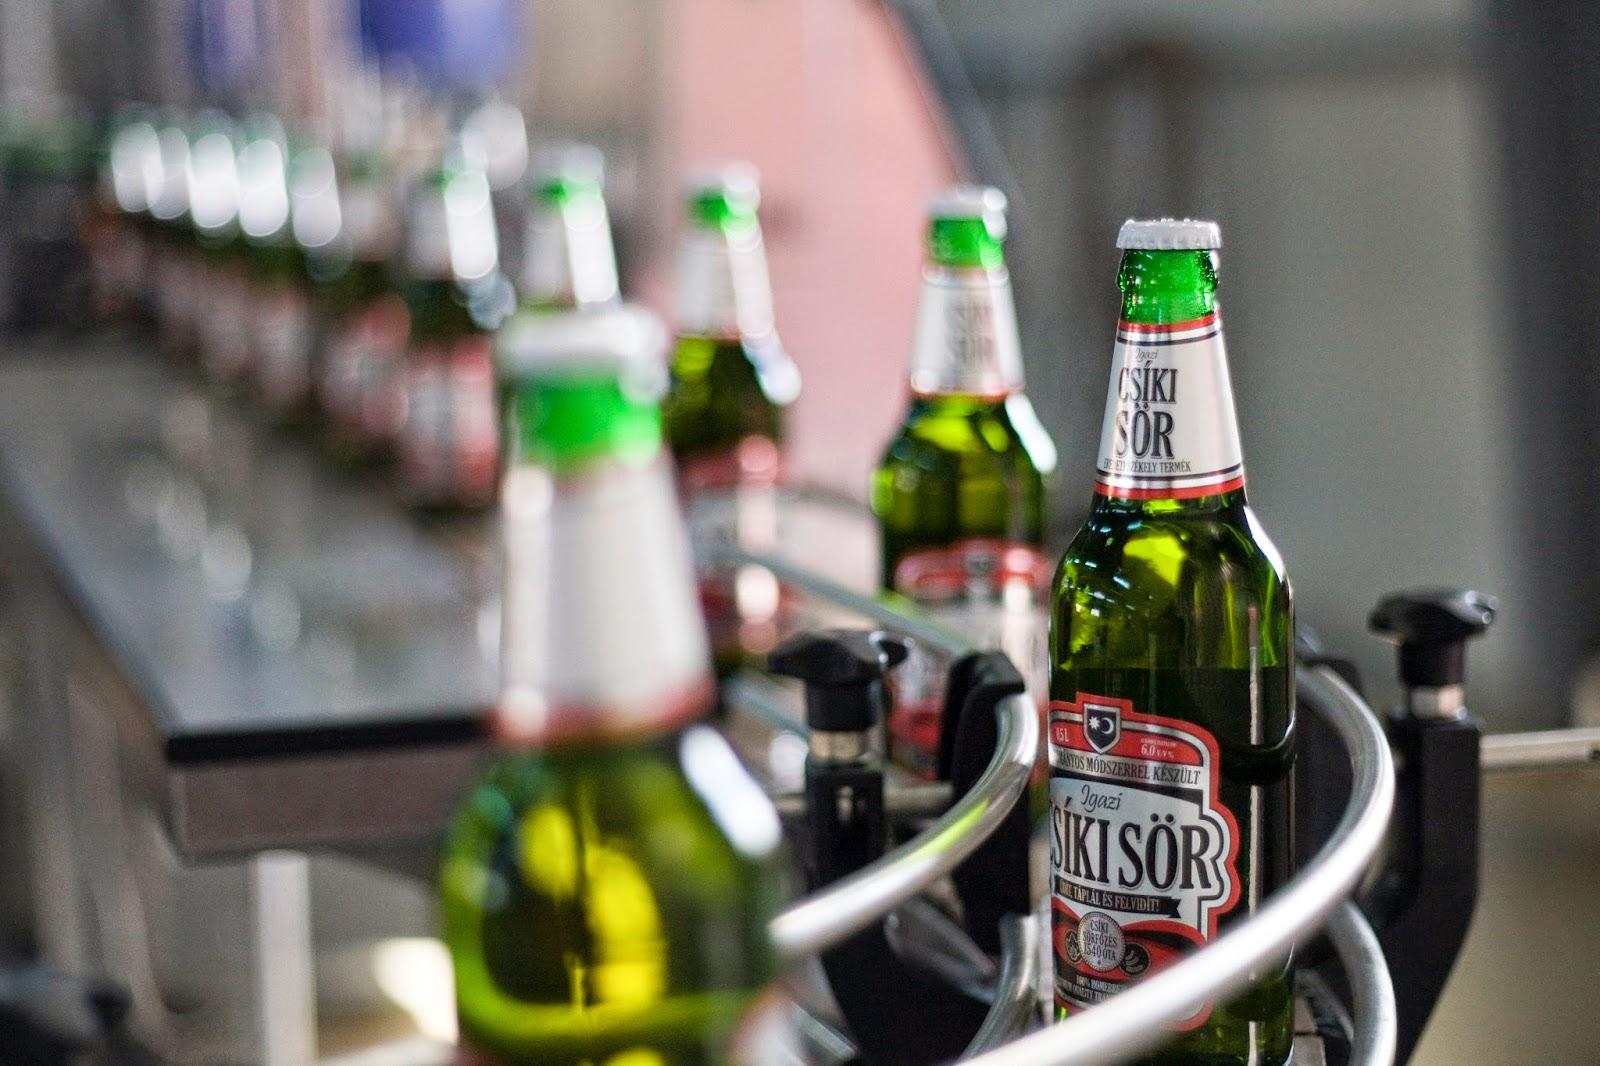 Igazi Csíki Sör, Csíki sör, Heineken, Heineken Romania, márkanévvita, Lénárd András, csíkszentsimoni manufaktúra, csíkszentsimoni sörgyár, Lixid Projekt Kft